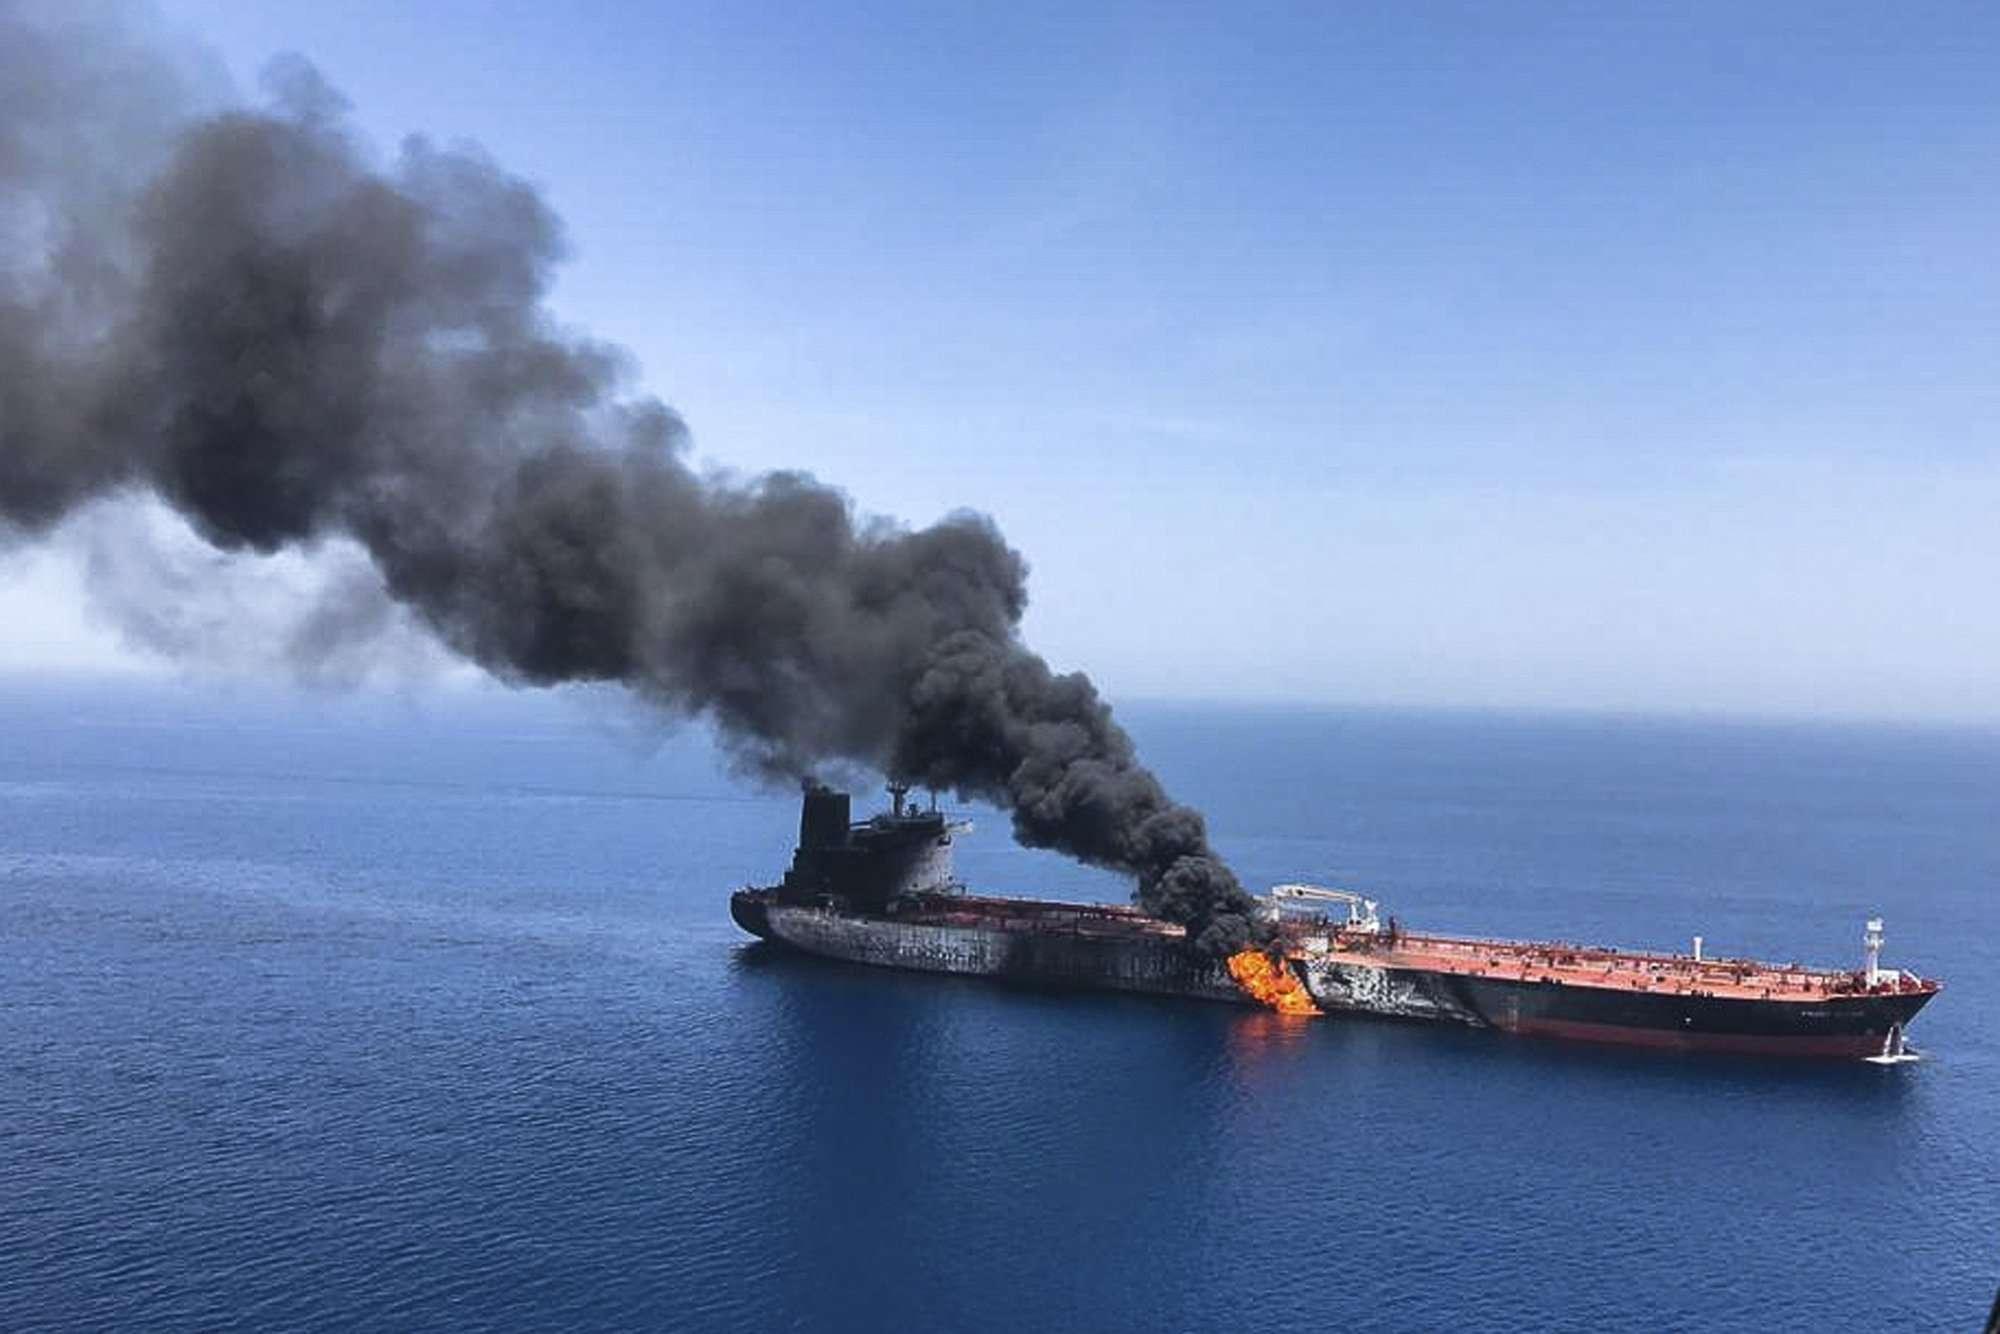 Un asalto que dejó a uno de los petroleros en llamas y a la deriva mientras que los marineros fueron evacuados de ambos buques. AP